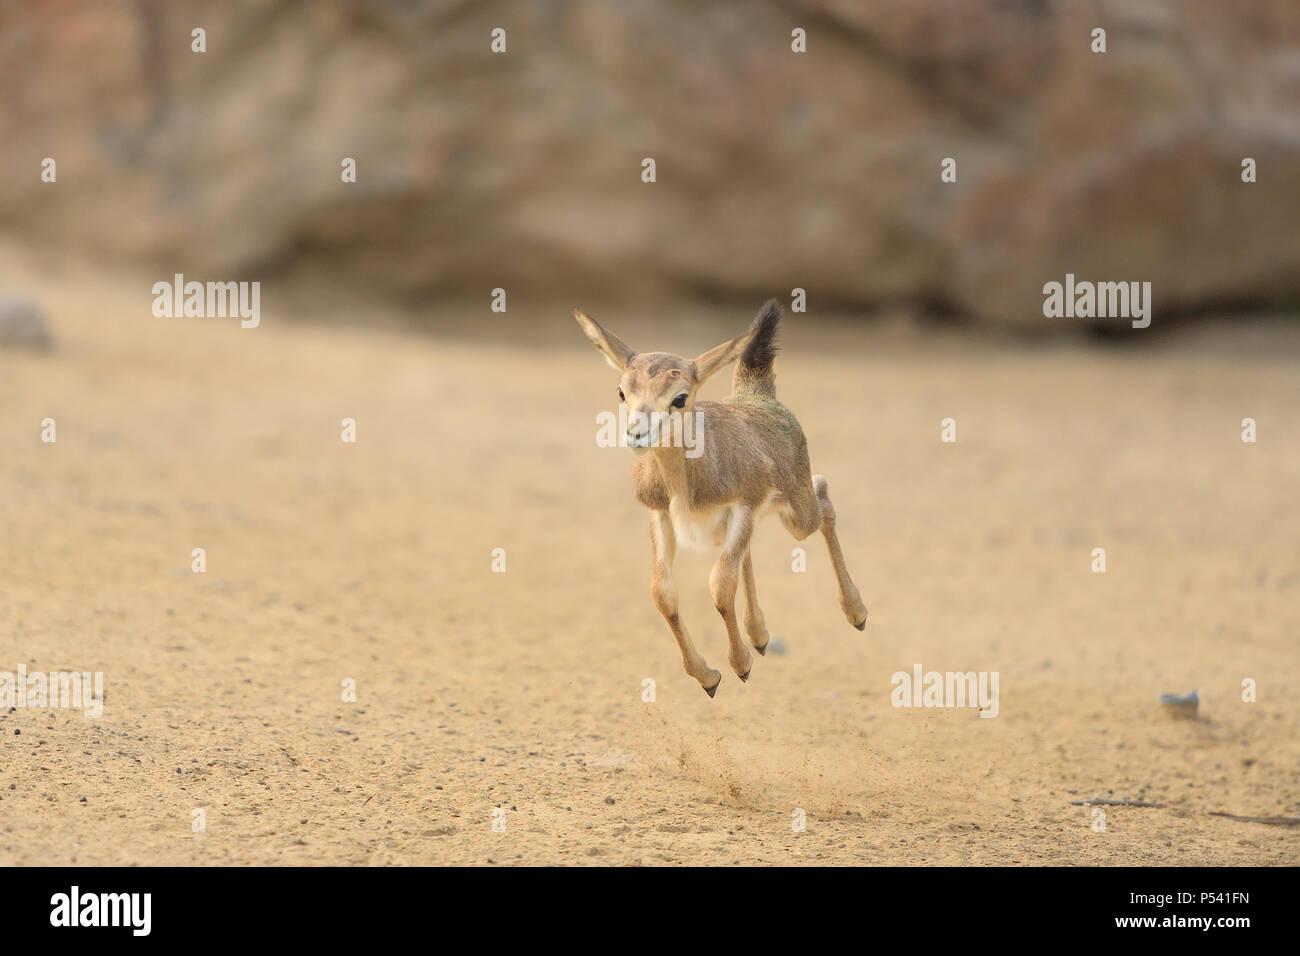 Baby impala jumping for joy Stock Photo